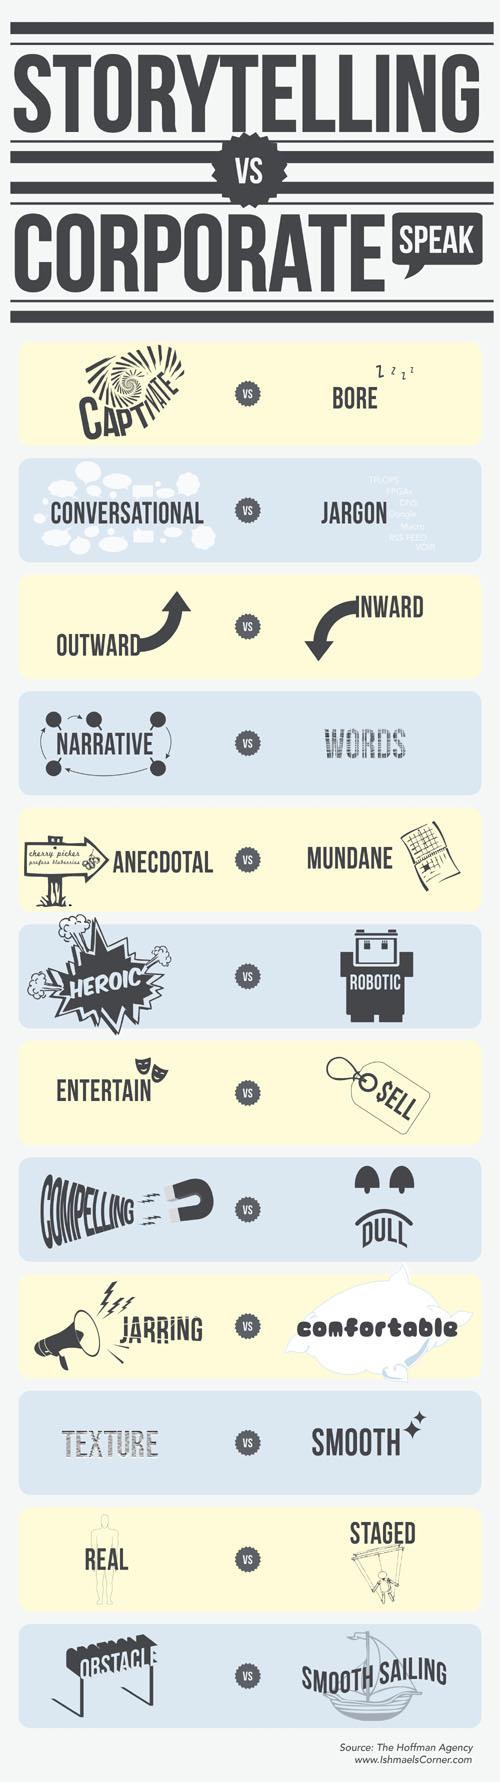 storytelling-vs-corporate-speak-infographic